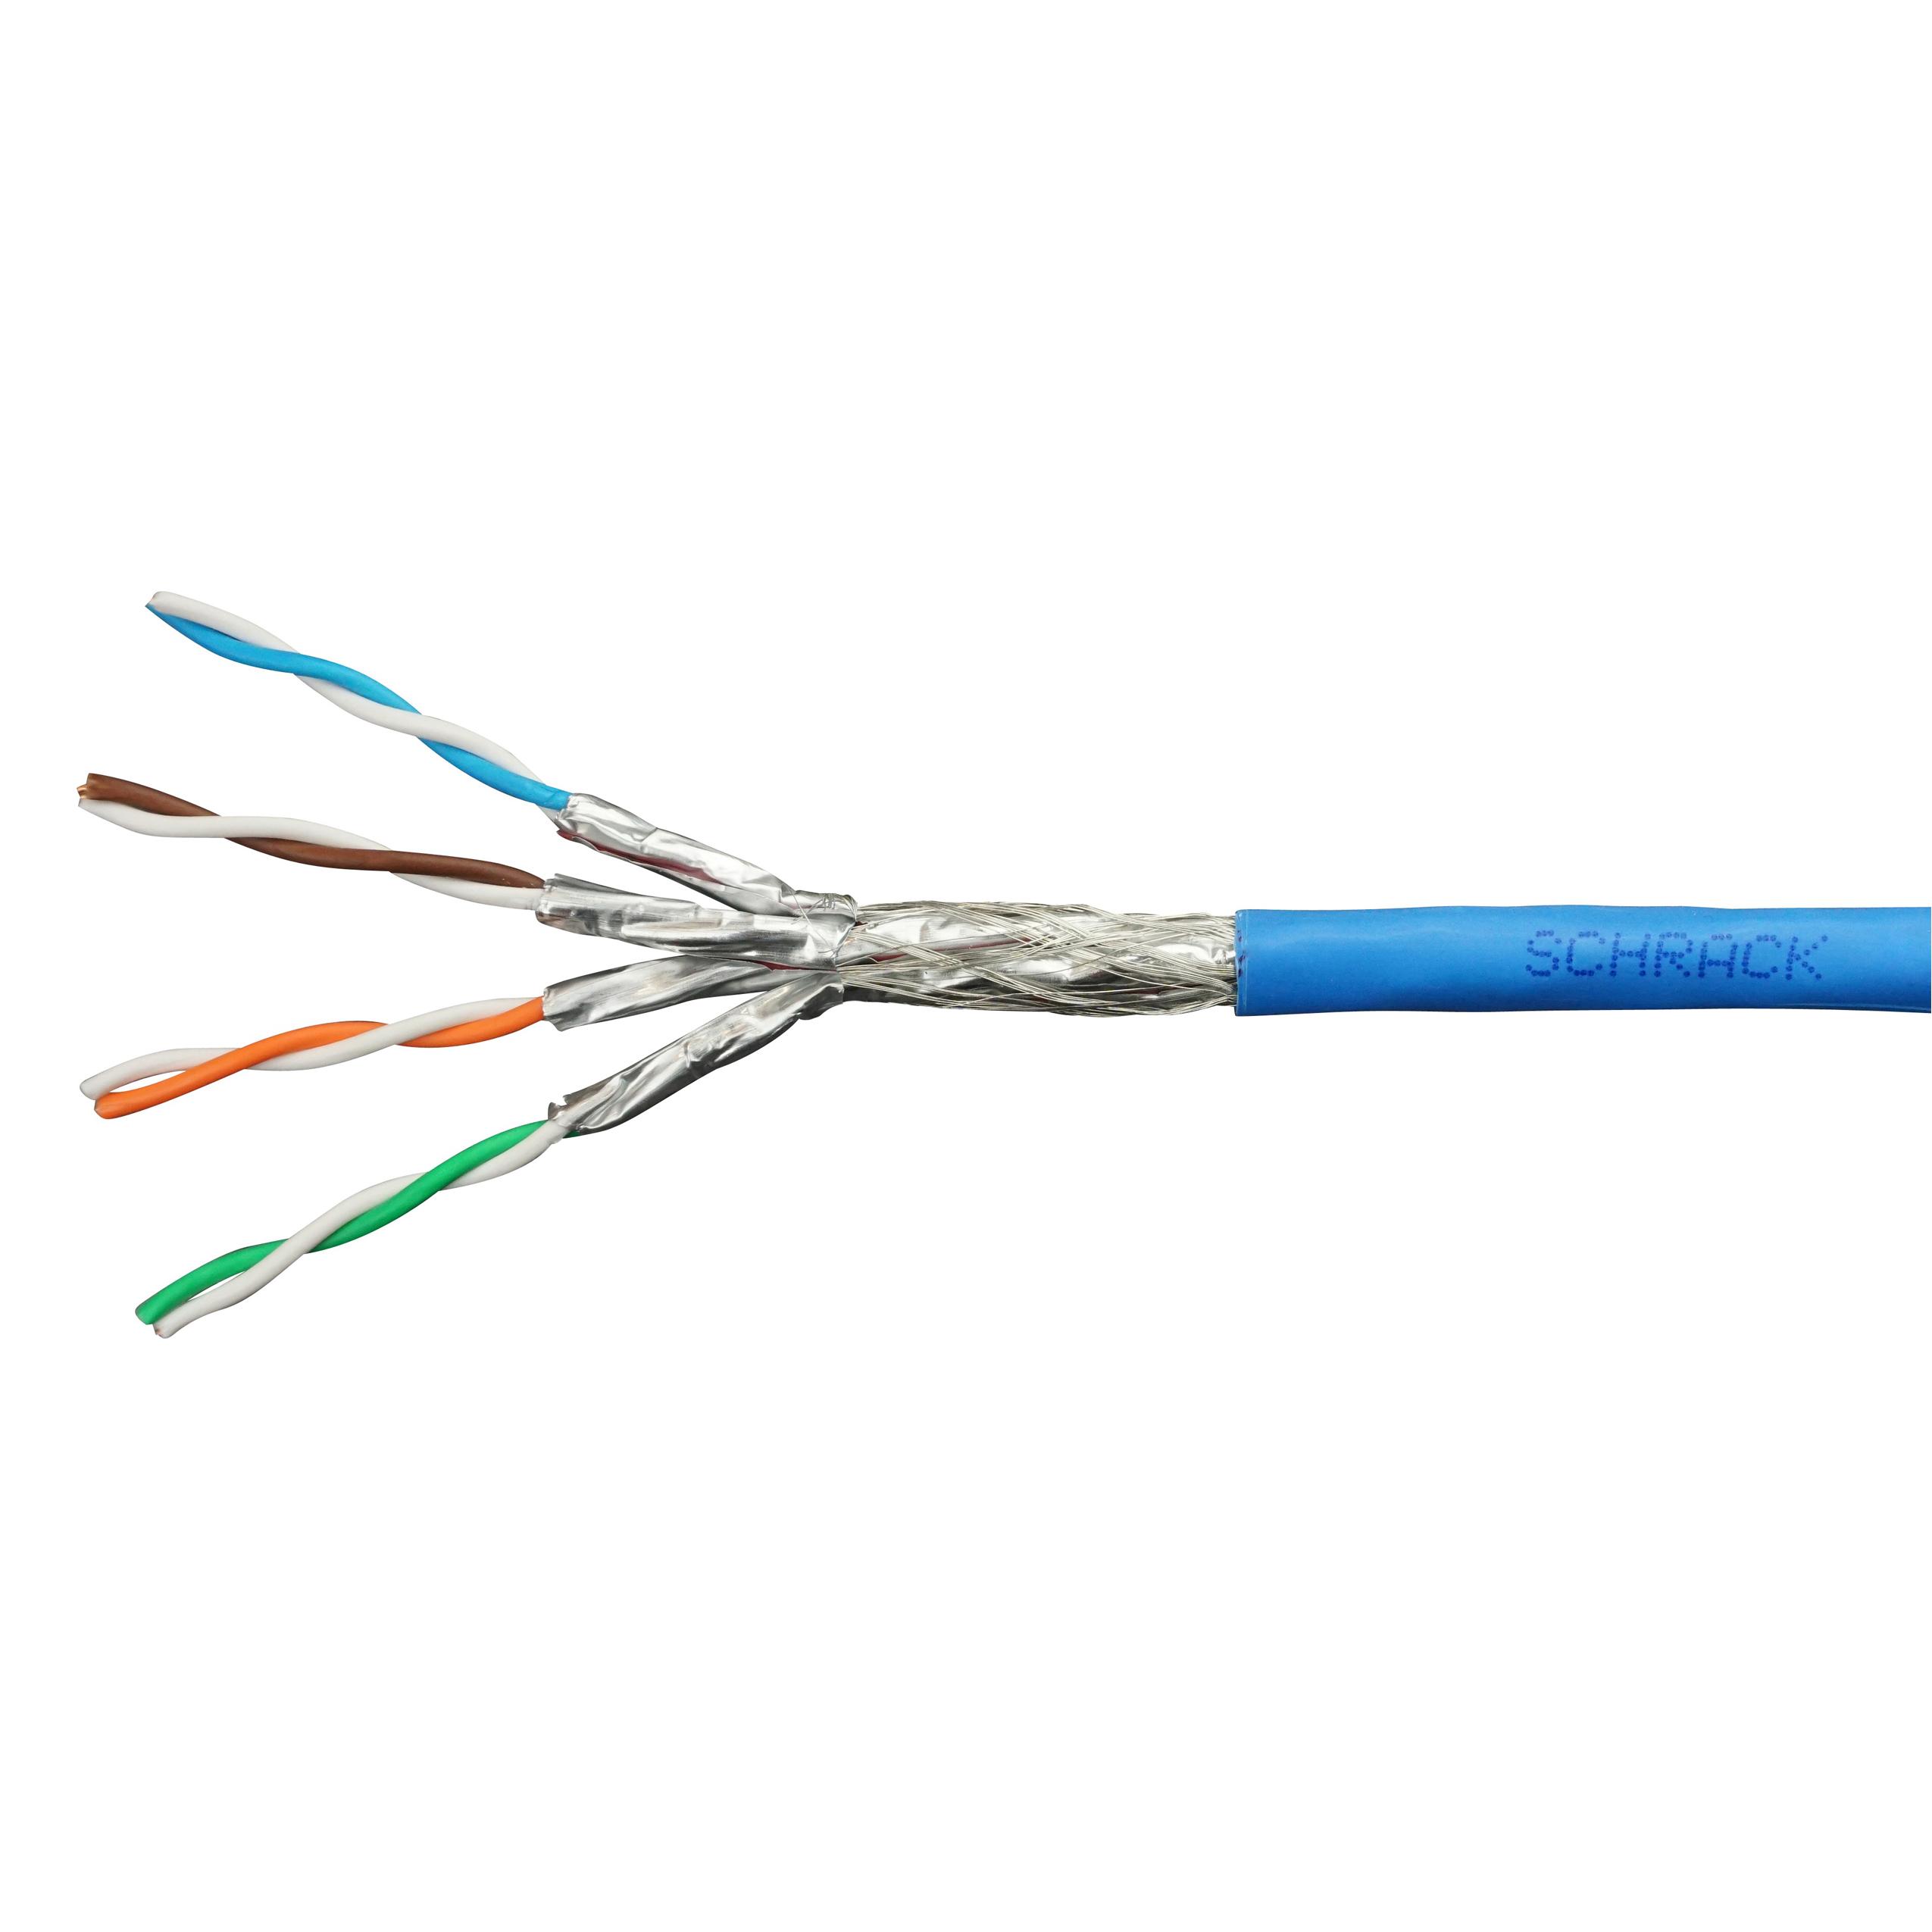 100 m S/FTP Kabel Cat.7, 4x2xAWG23/1, 1000Mhz, LS0H, Dca 40% blau HSEKP423HB